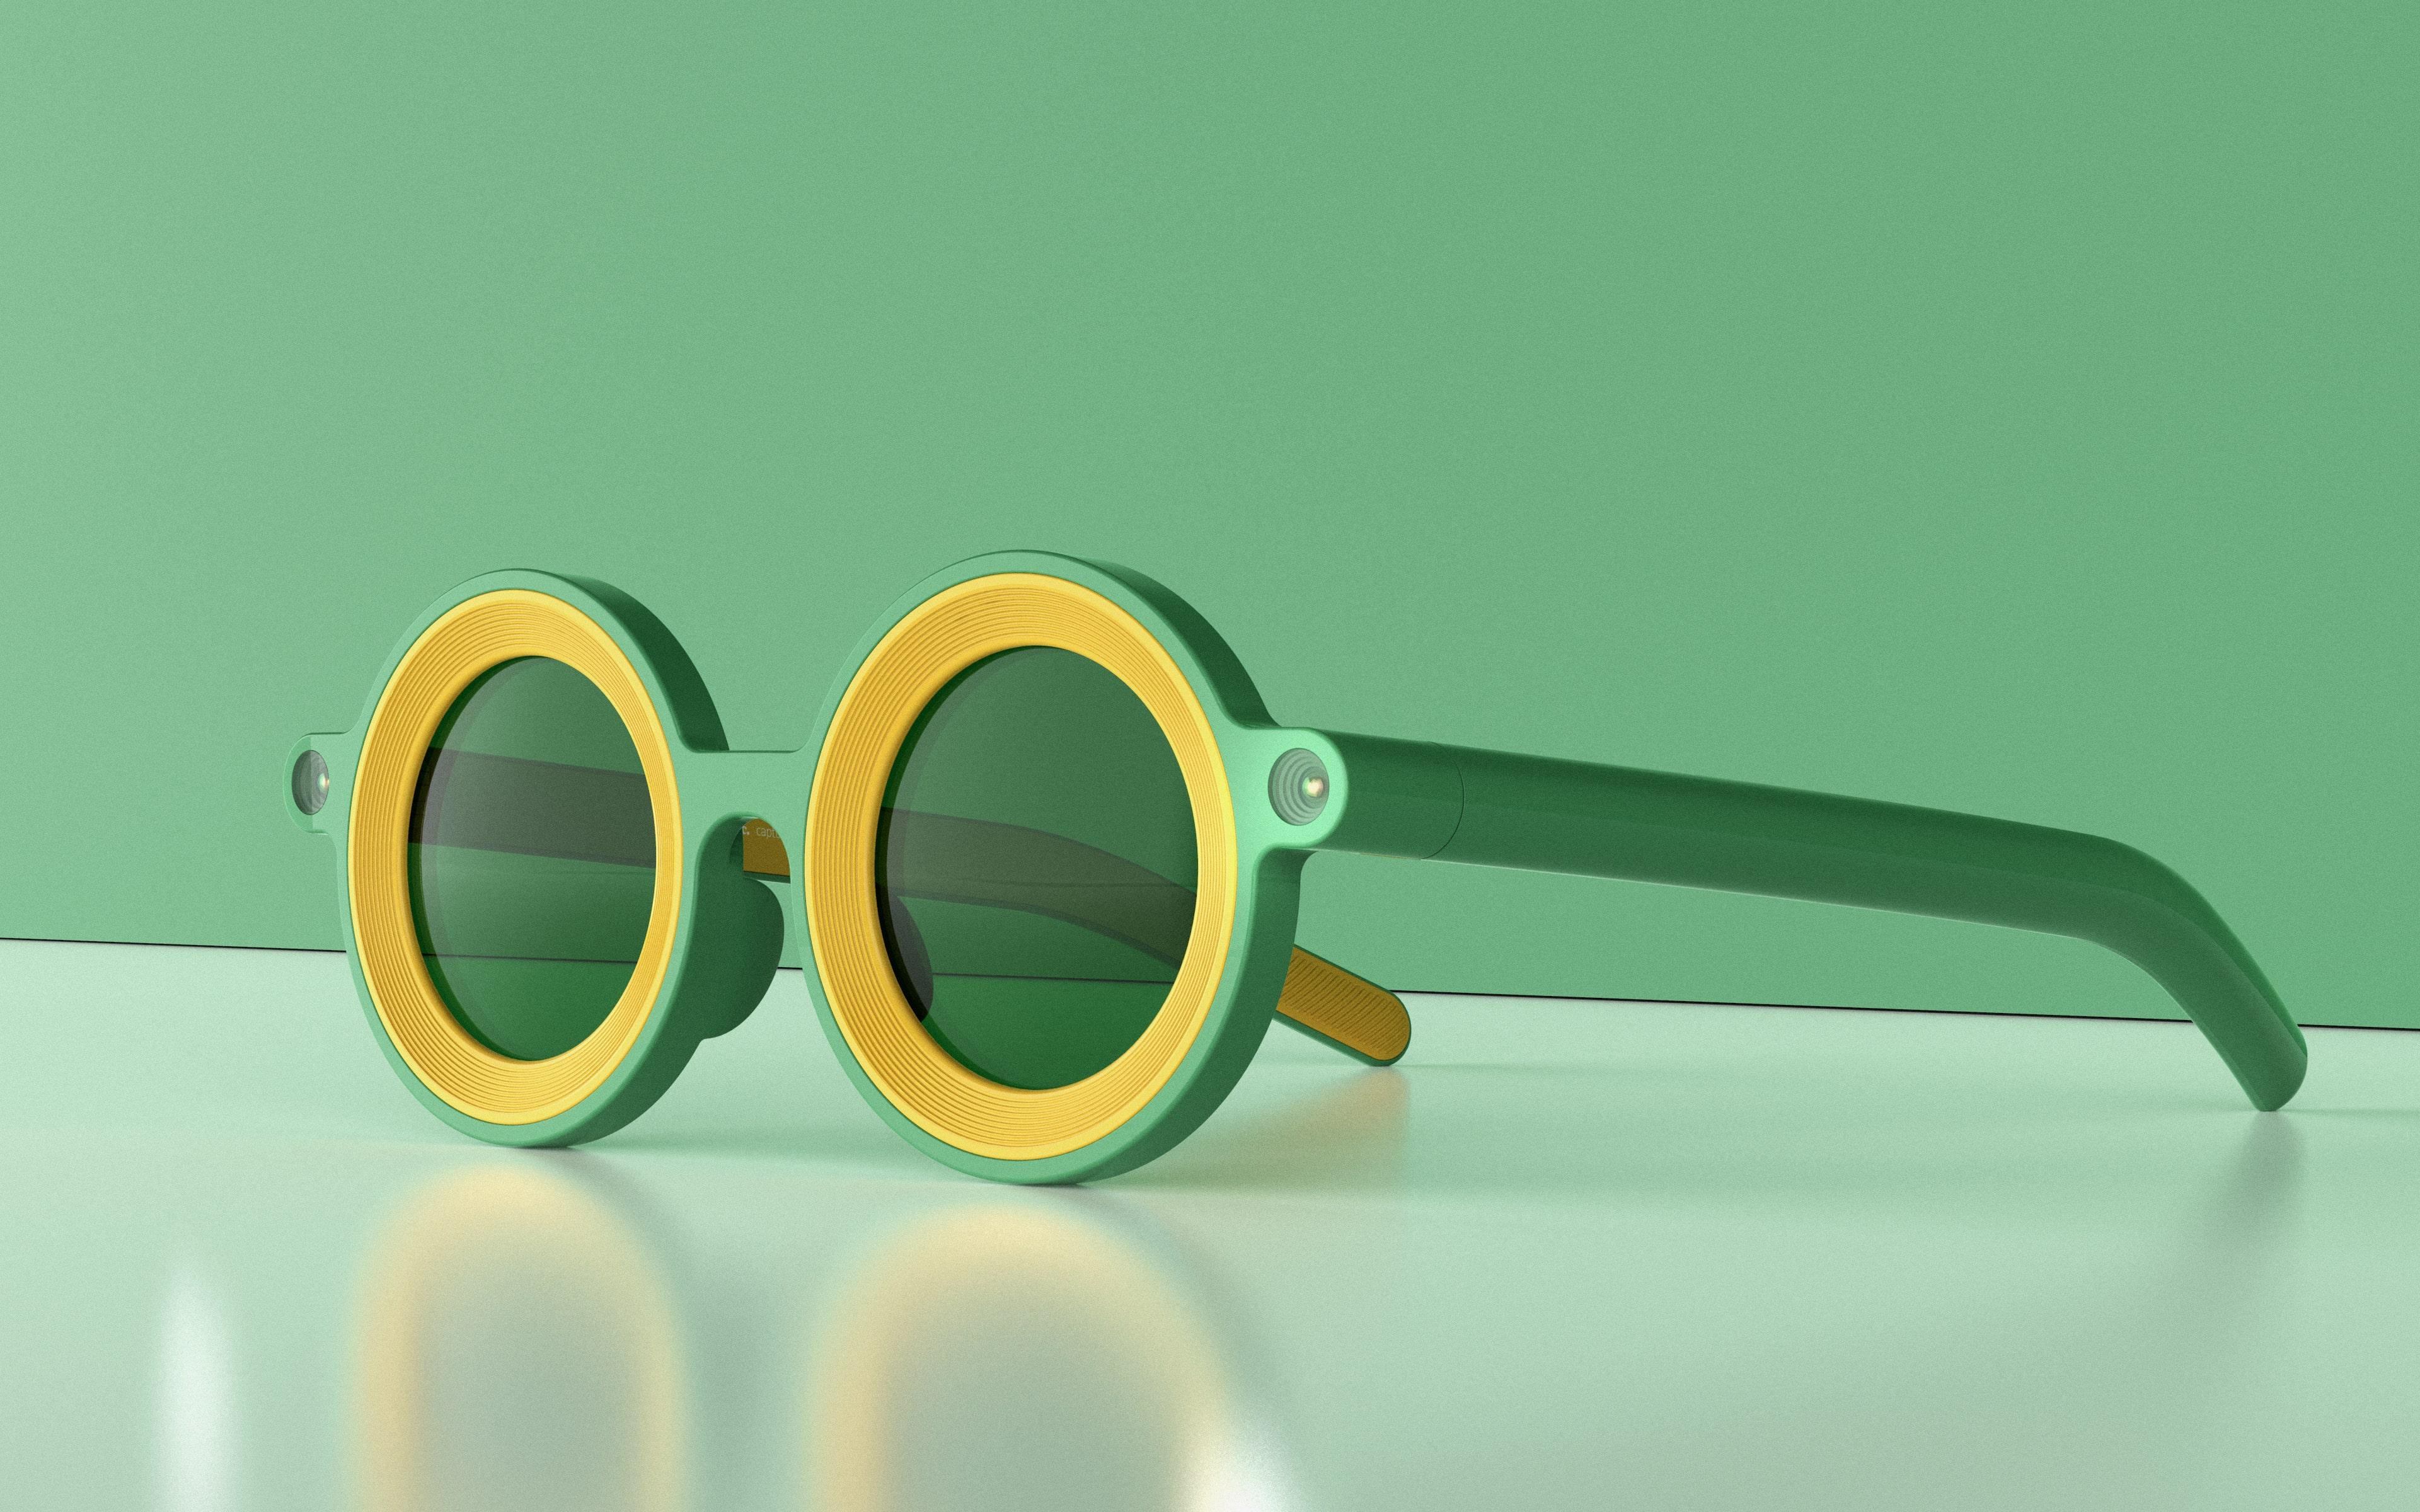 Snapchat-Glasses-28-min